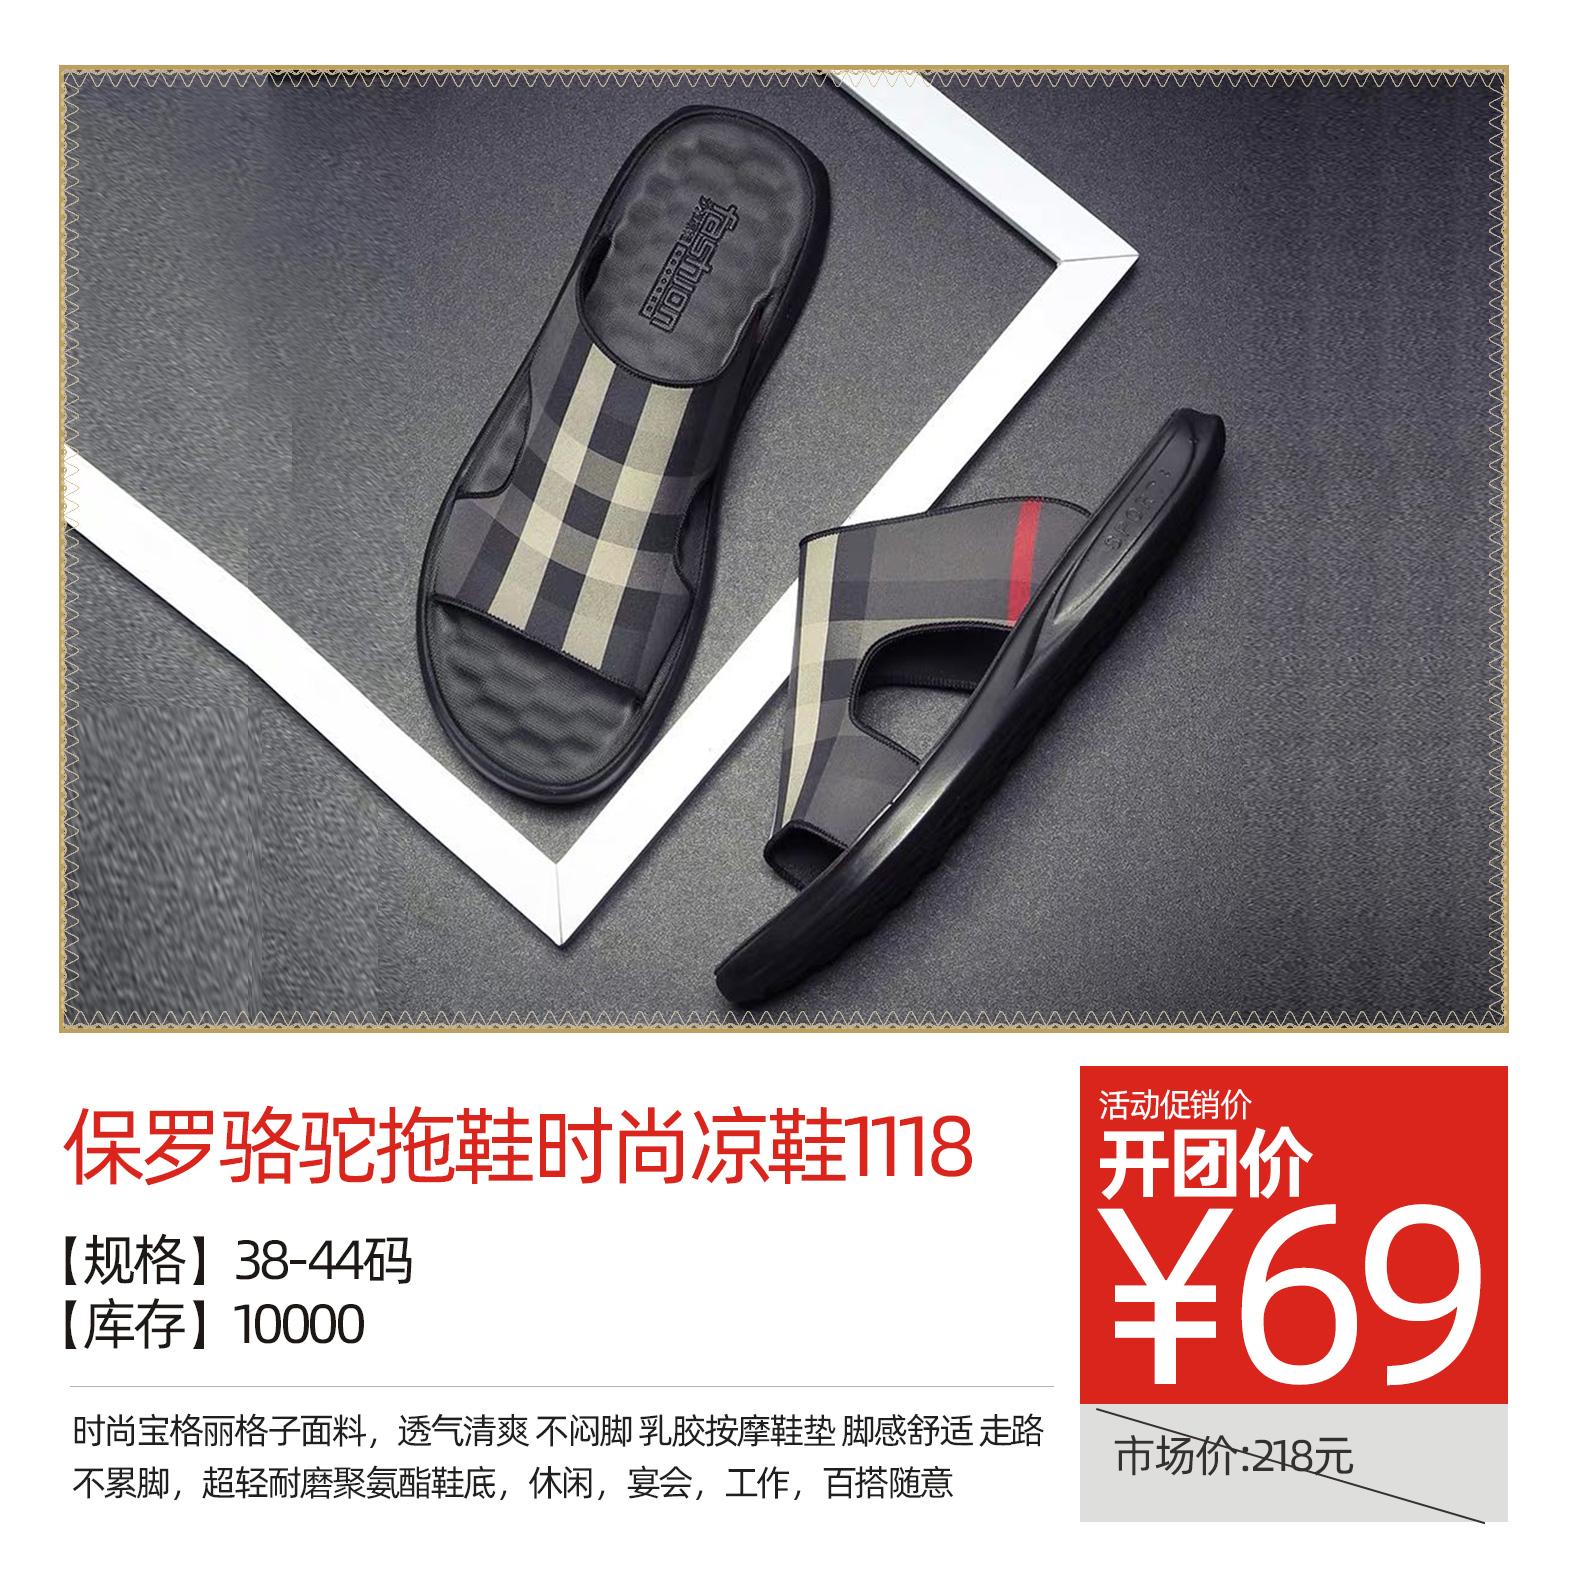 保罗骆驼拖鞋时尚凉鞋1118